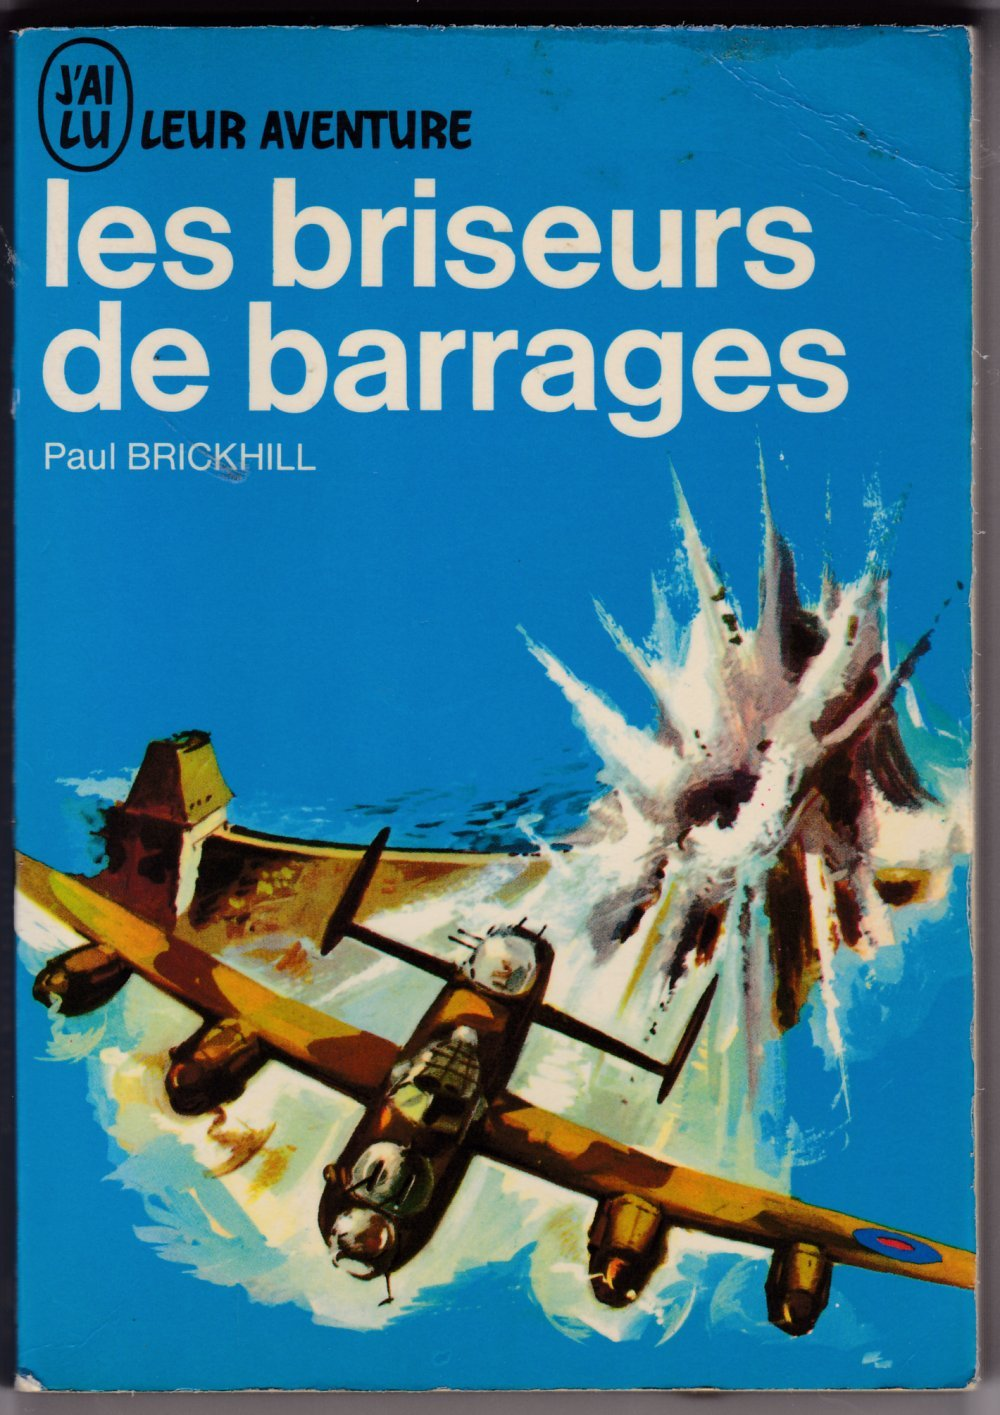 TÉLÉCHARGER LES BRISEURS DE BARRAGES GRATUIT